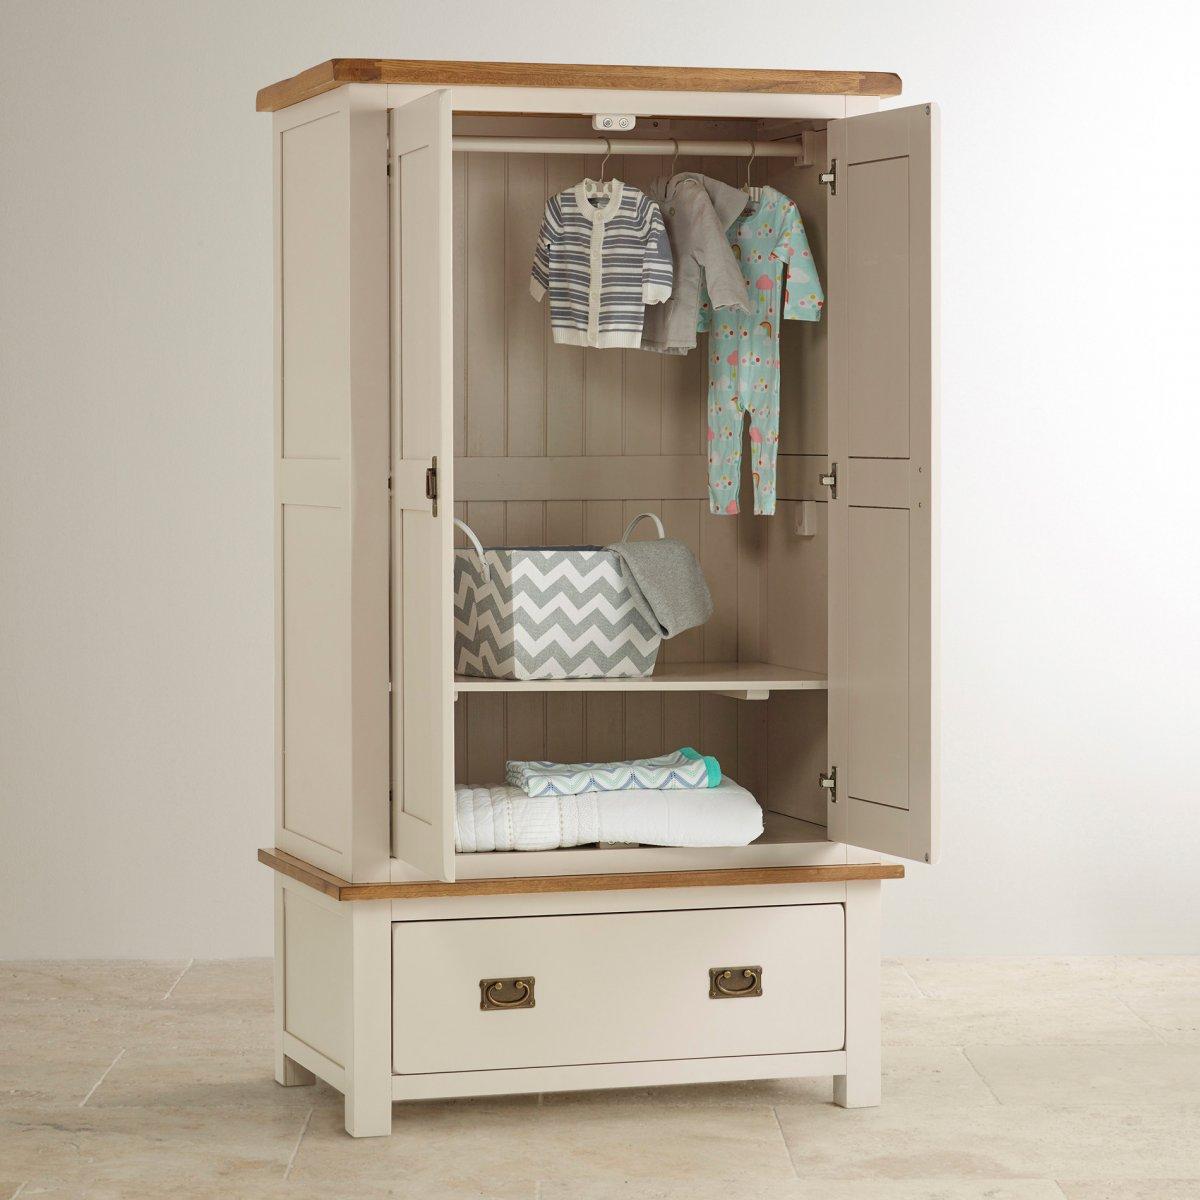 Kemble Nursery Wardrobe in Rustic Solid Oak | Oak ...